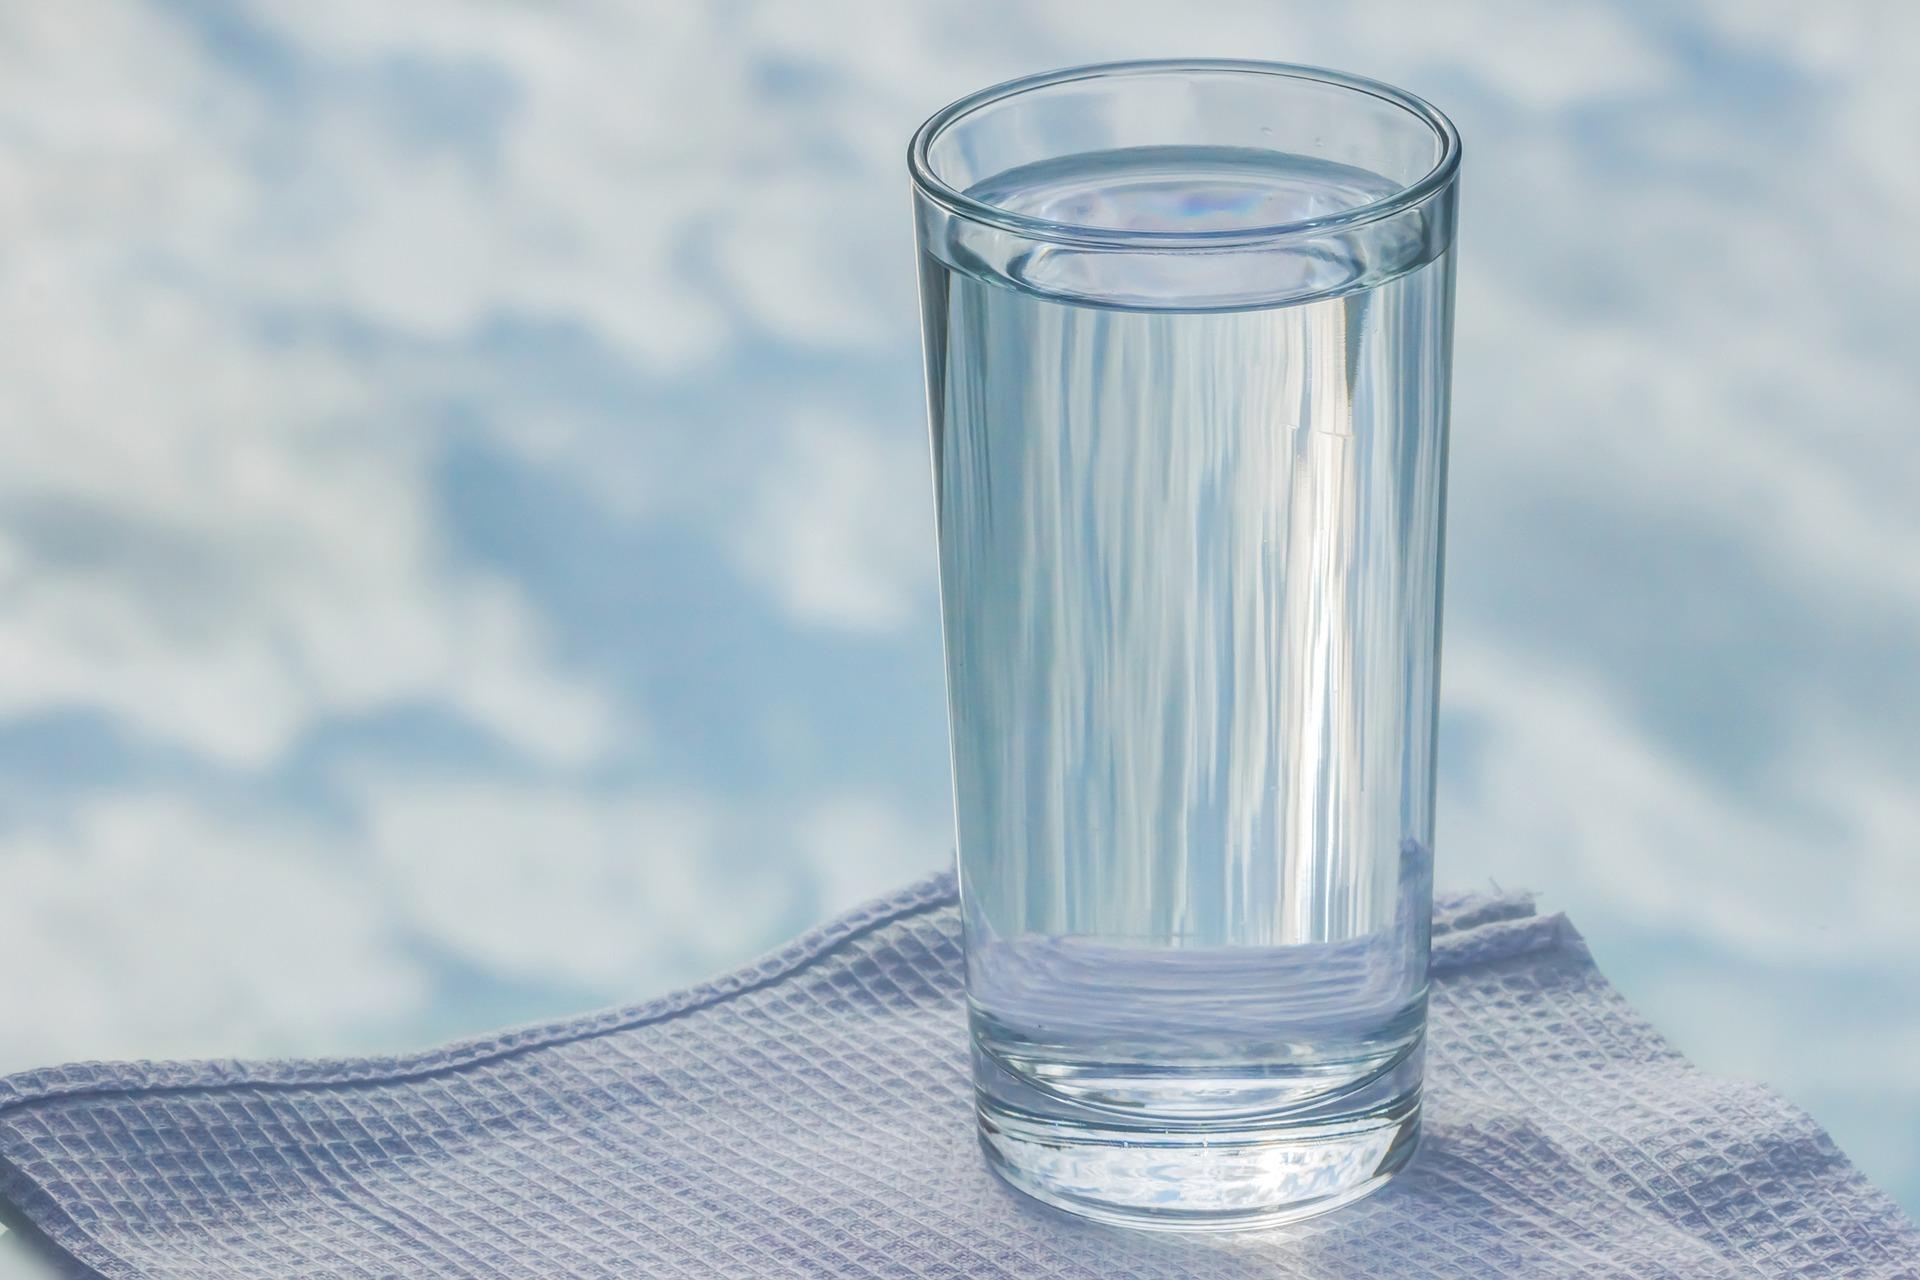 グラスに入った透き通った水